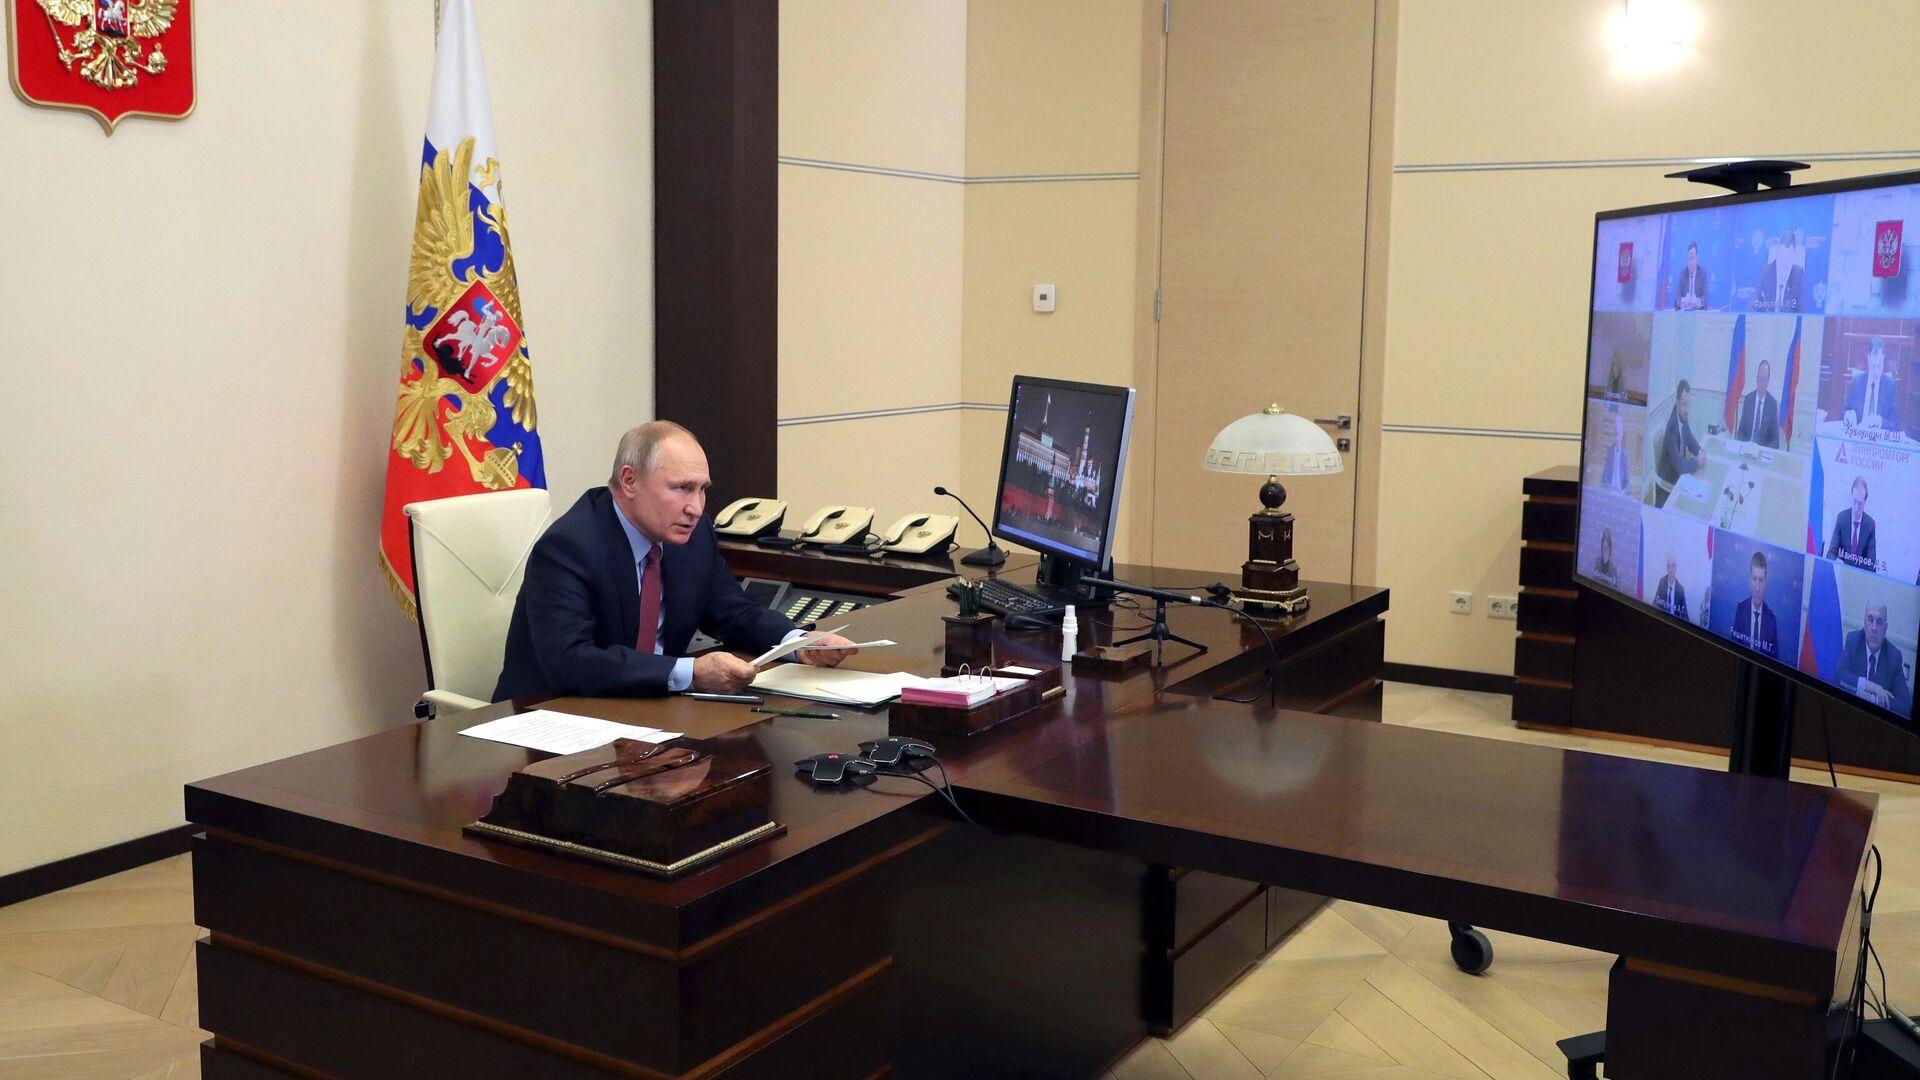 Президент РФ В. Путин провел совещание по экономическим вопросам - РИА Новости, 1920, 21.01.2021